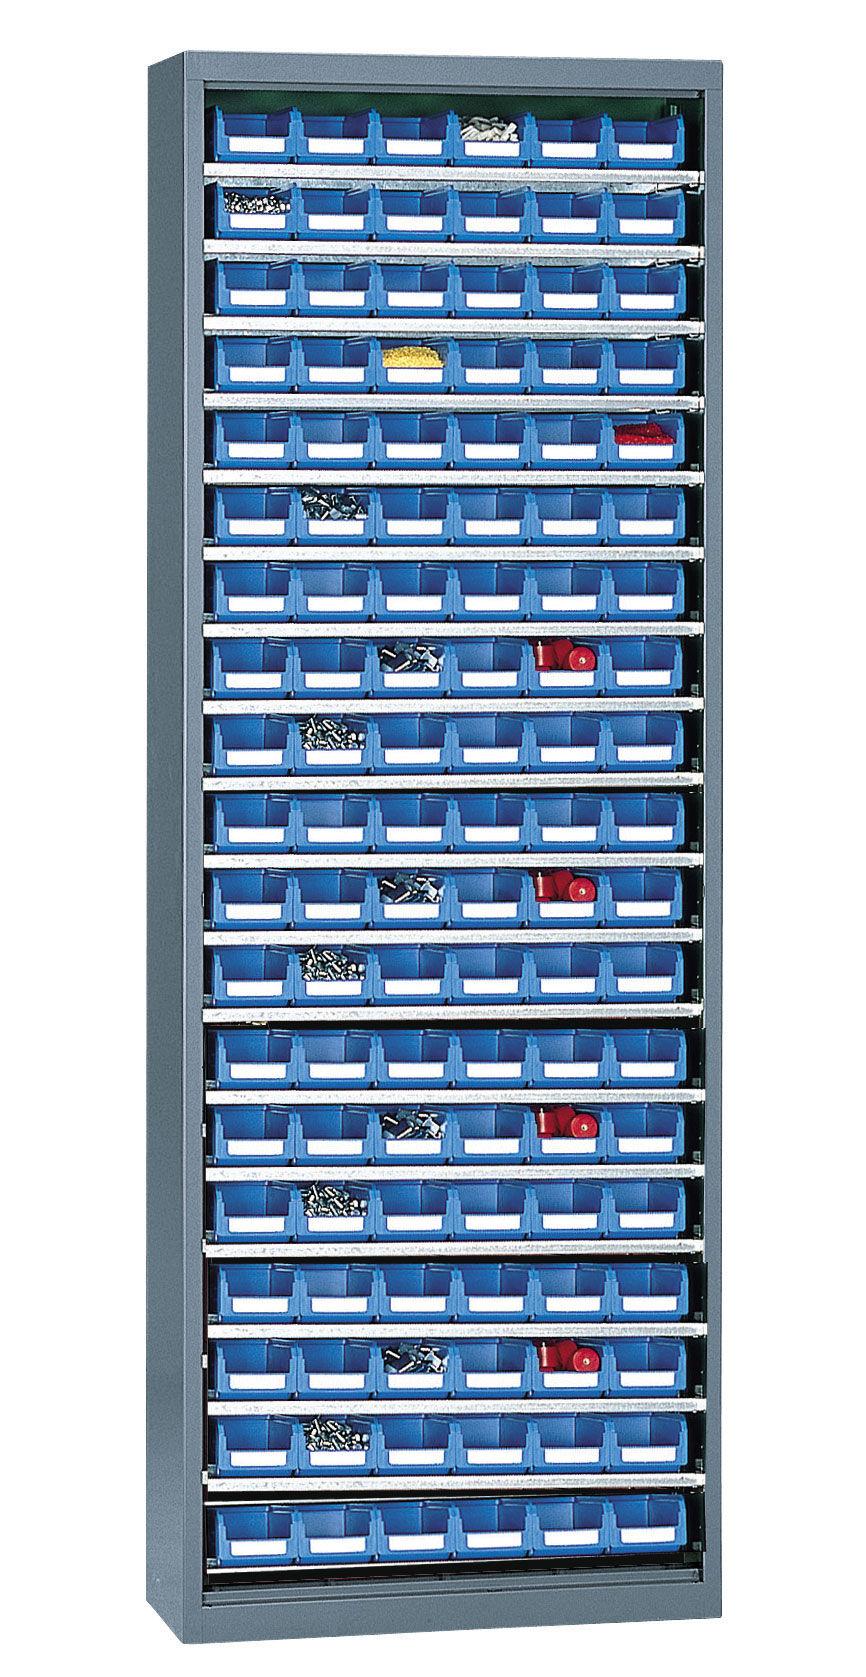 SETAM Armoire porte-bacs haute sans porte + 114 bacs plastique 1 litre